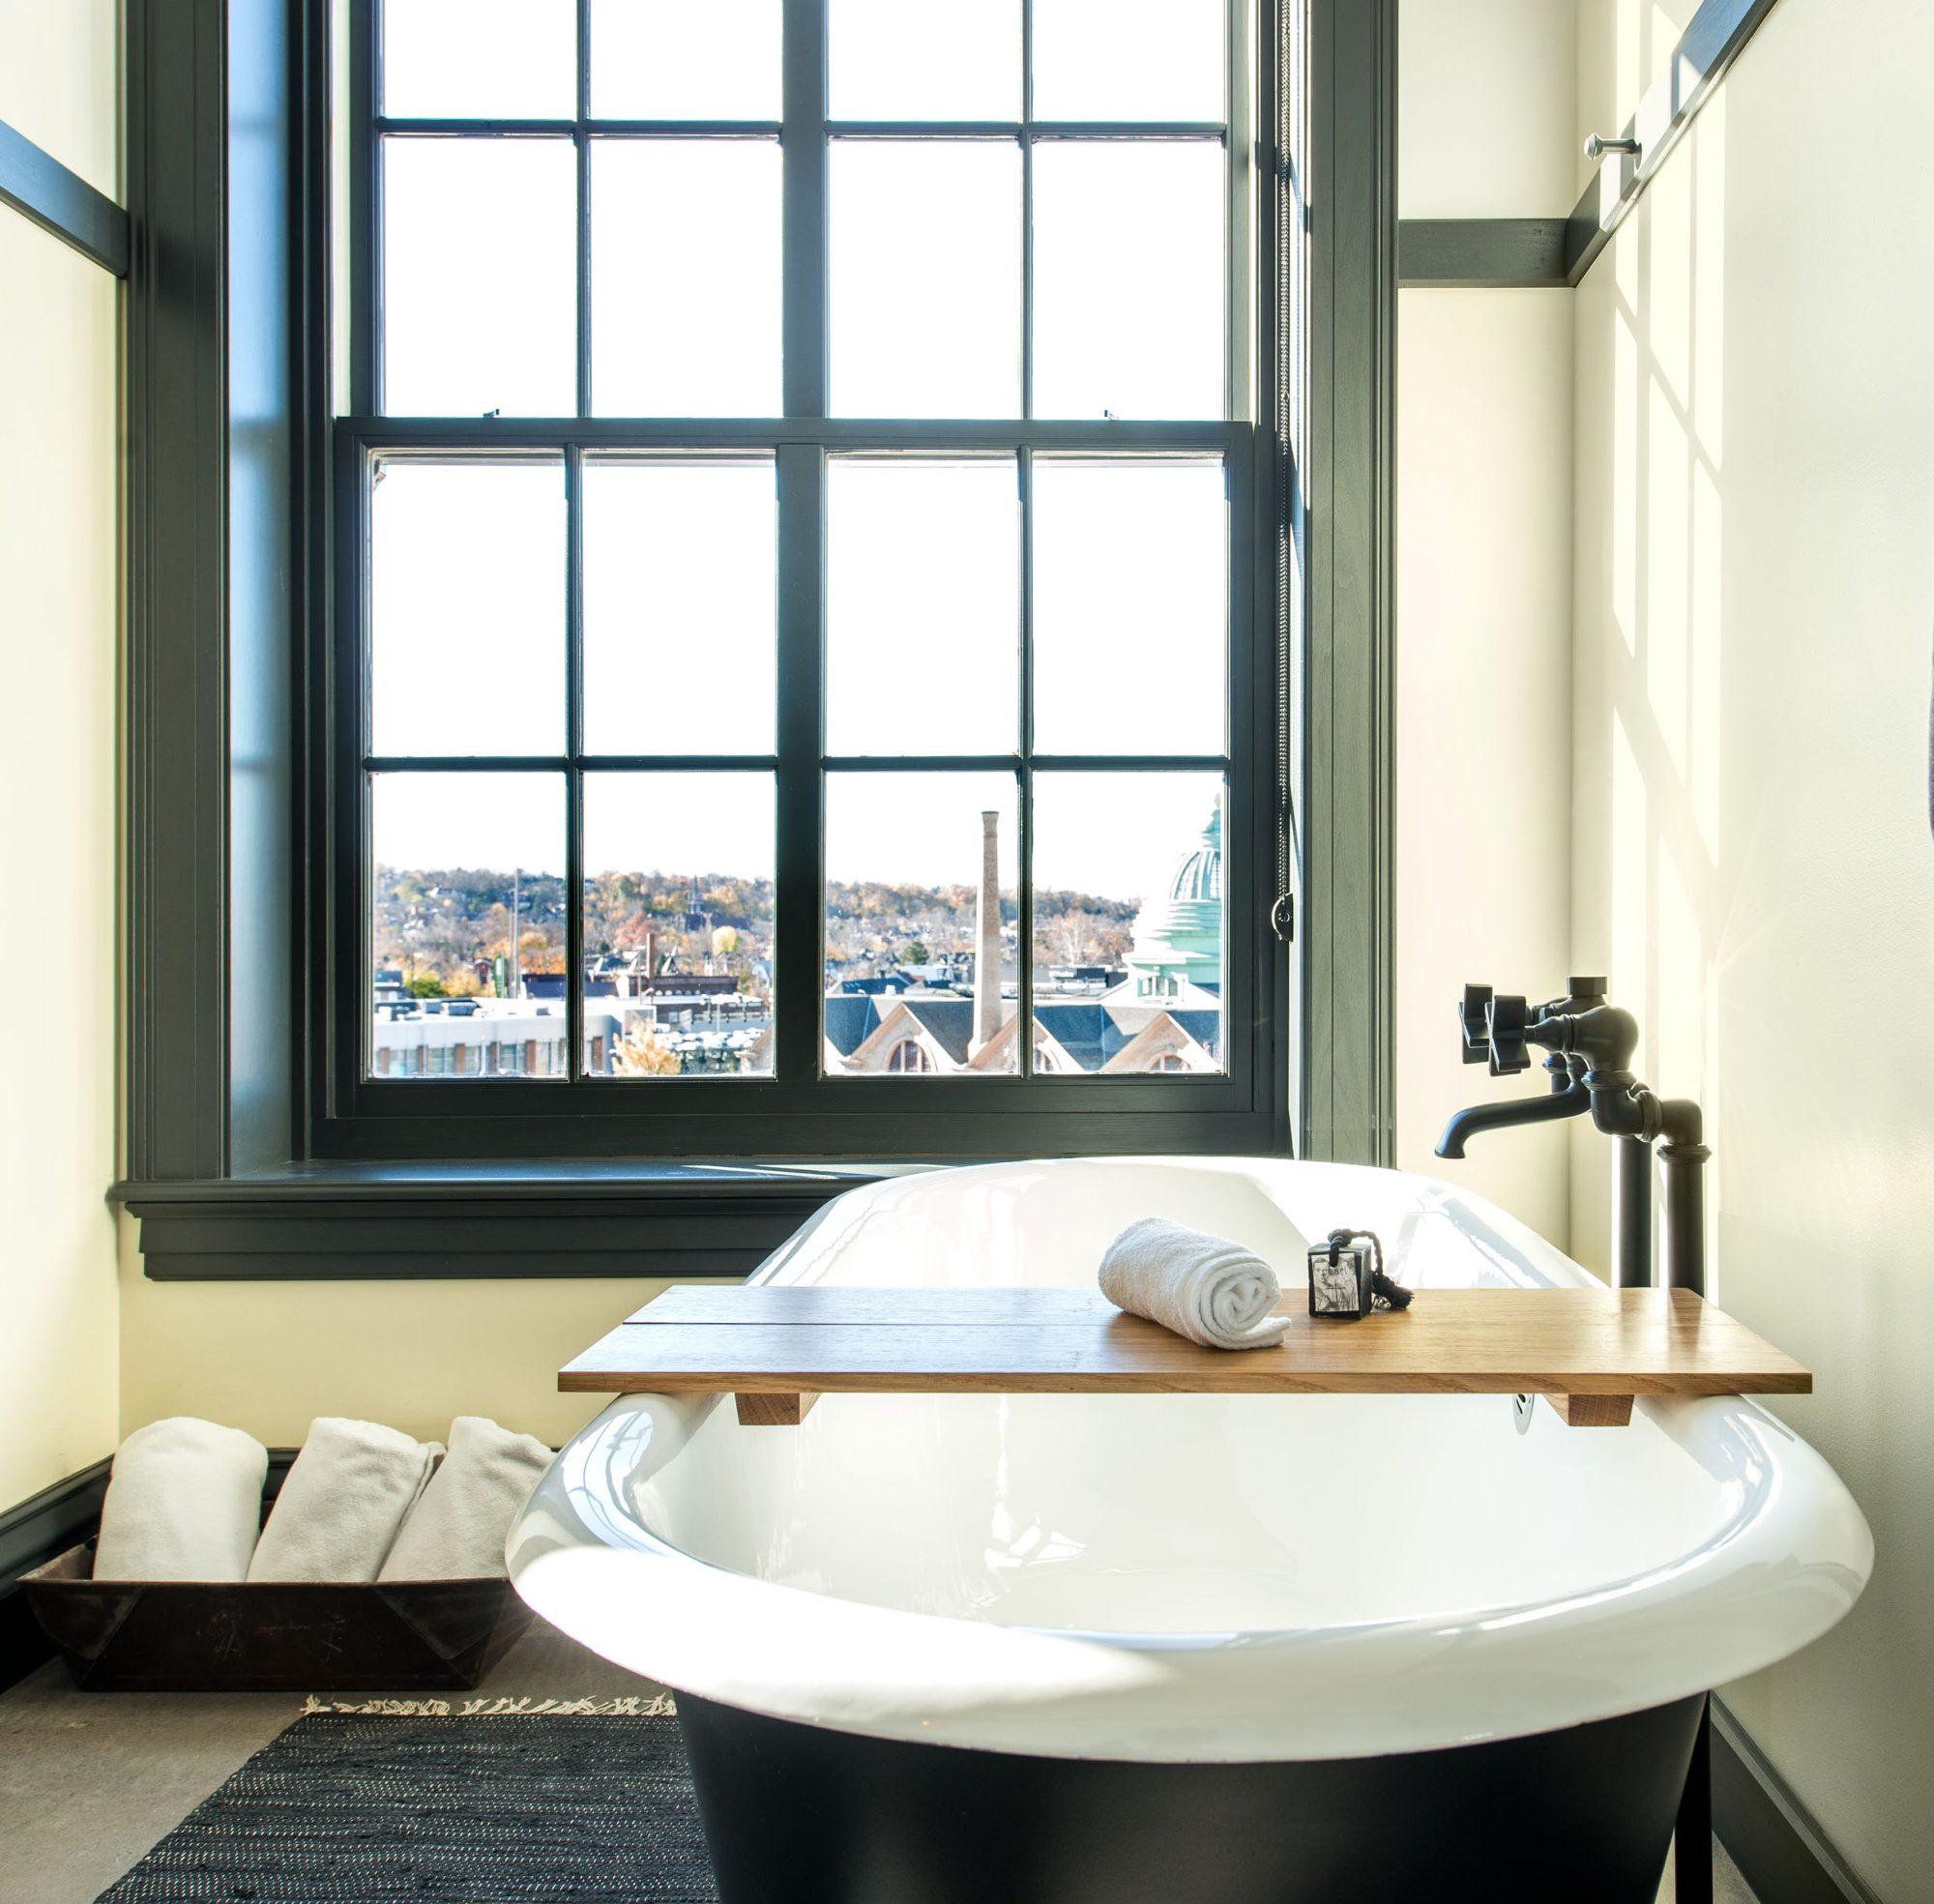 hotel-pittsburgh-bath